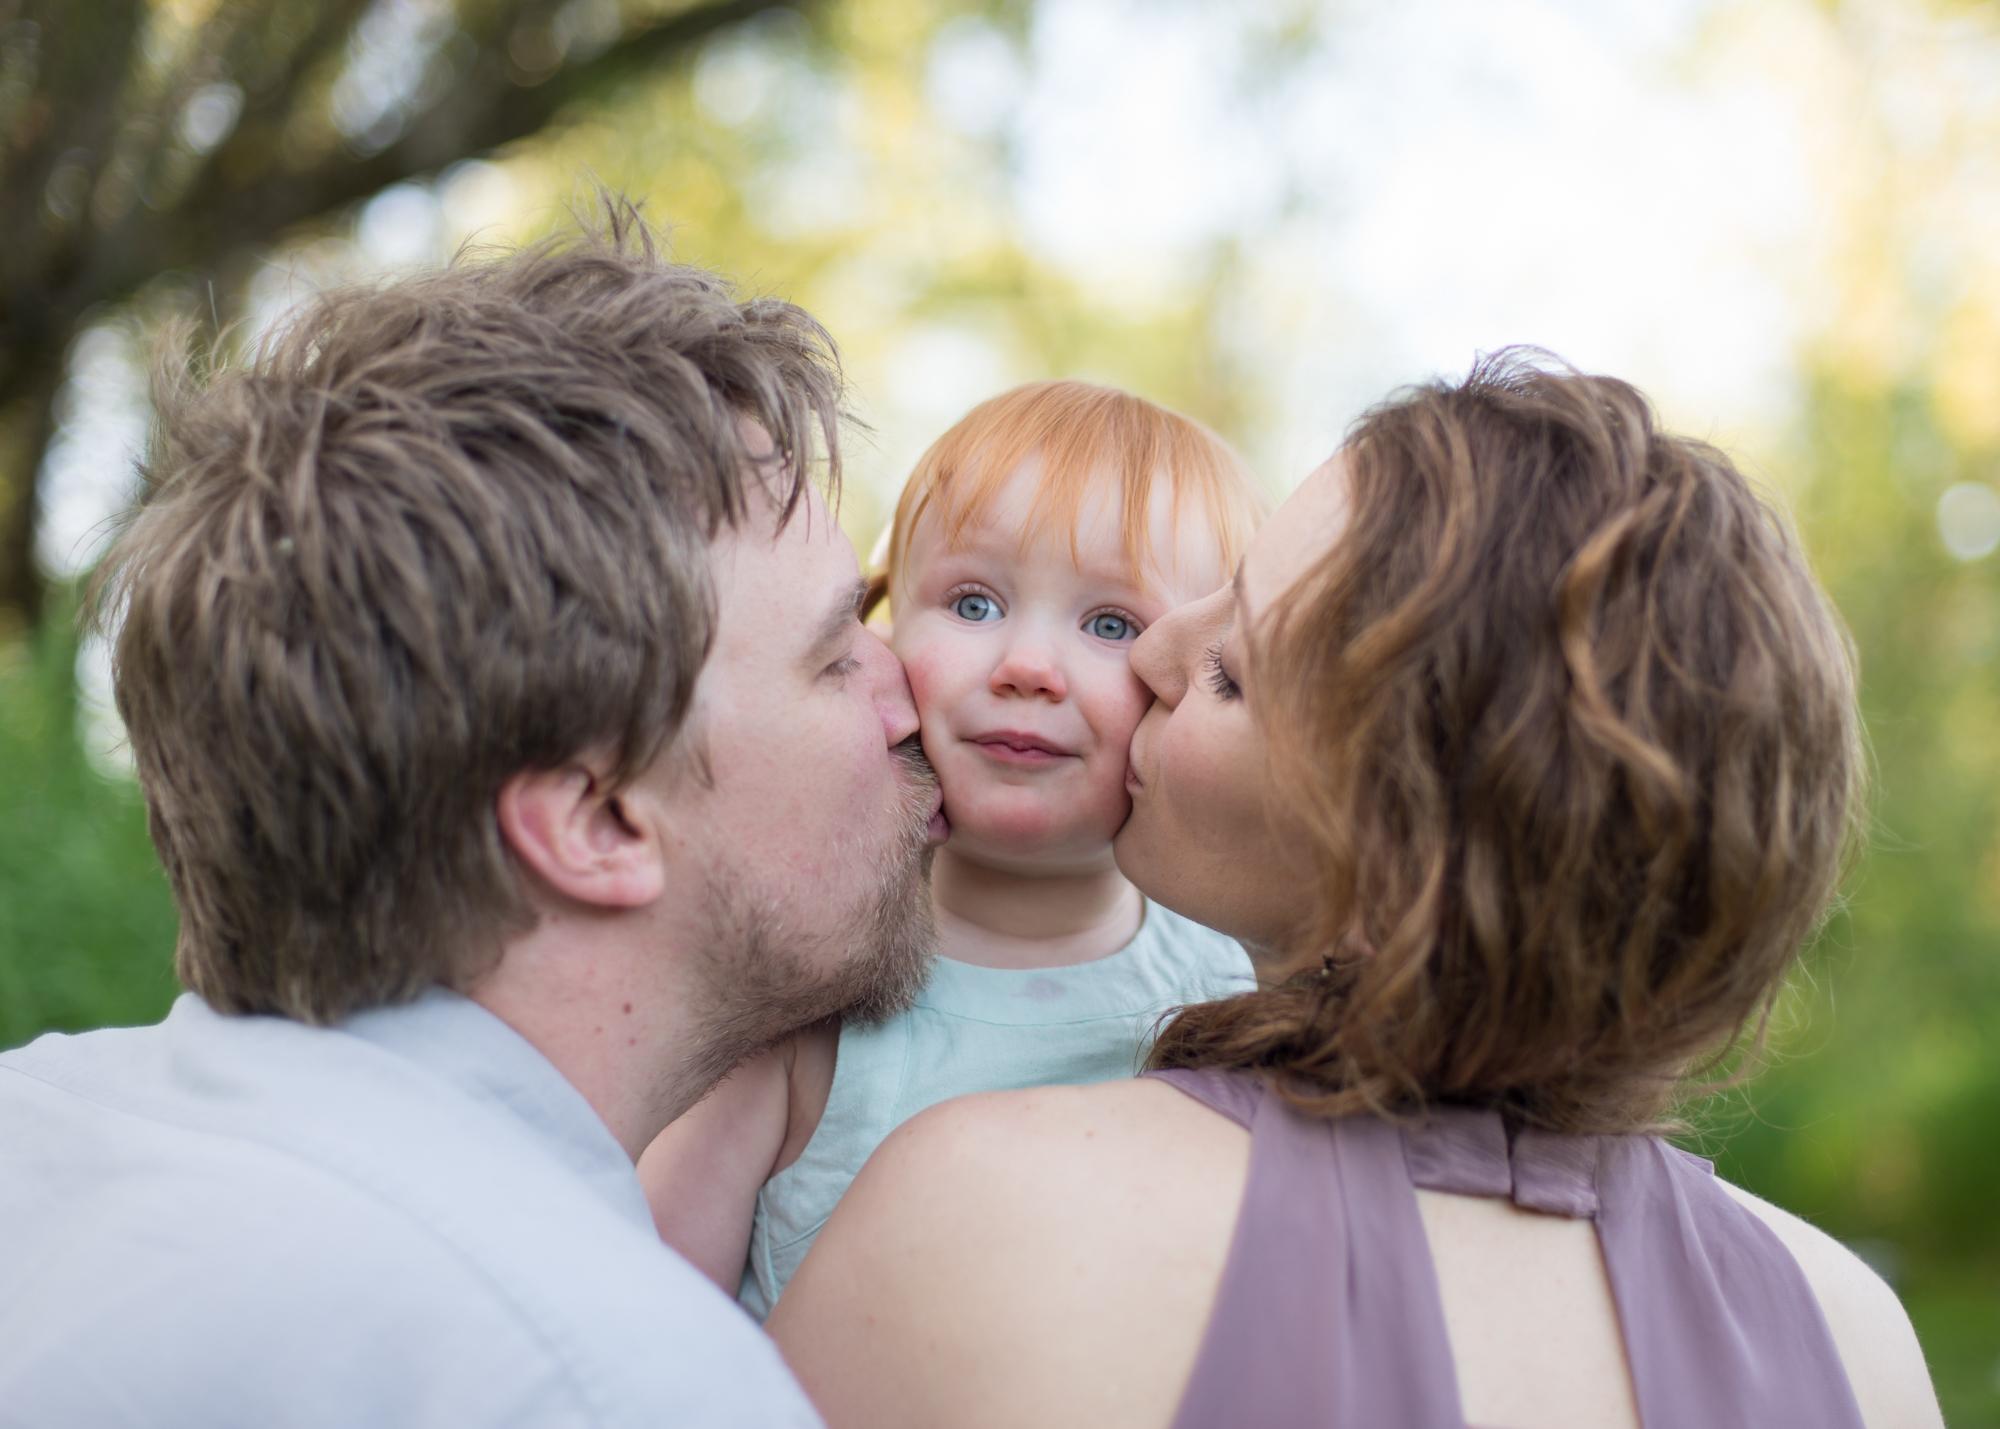 tacoma-family-photographer-5.jpg